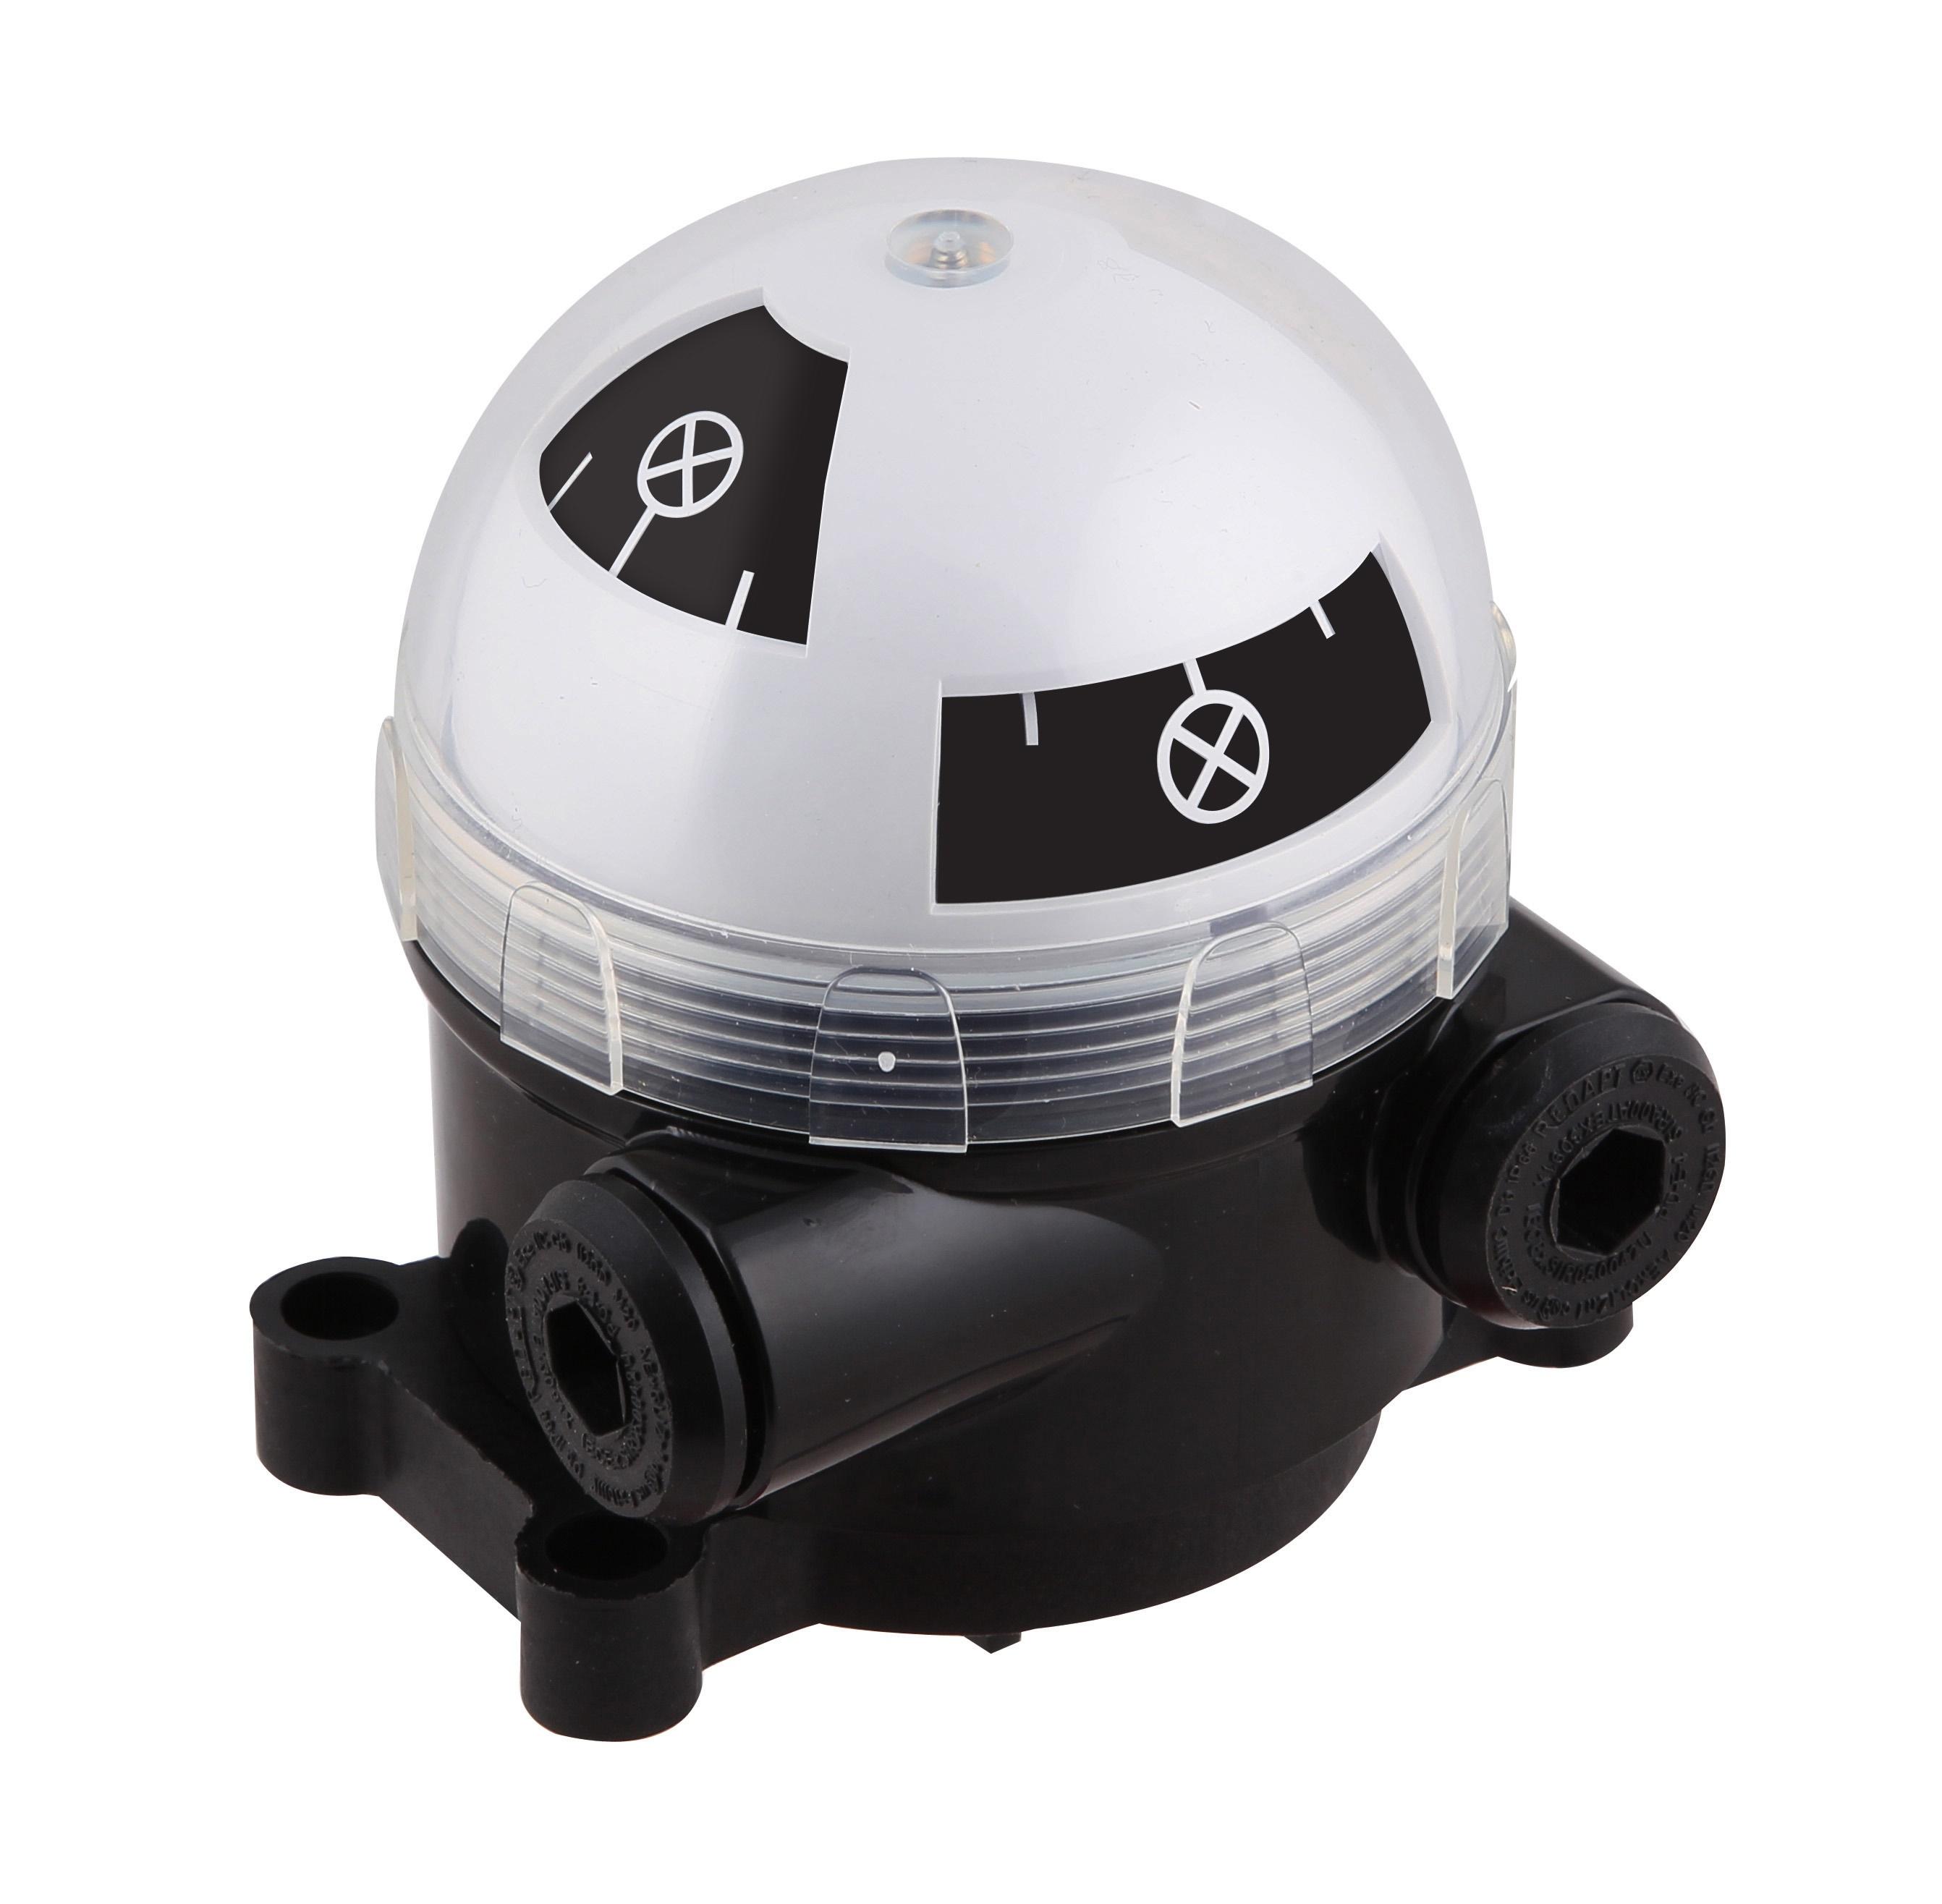 CR-0B201BD00-00-0R1 Non Hazardous Area